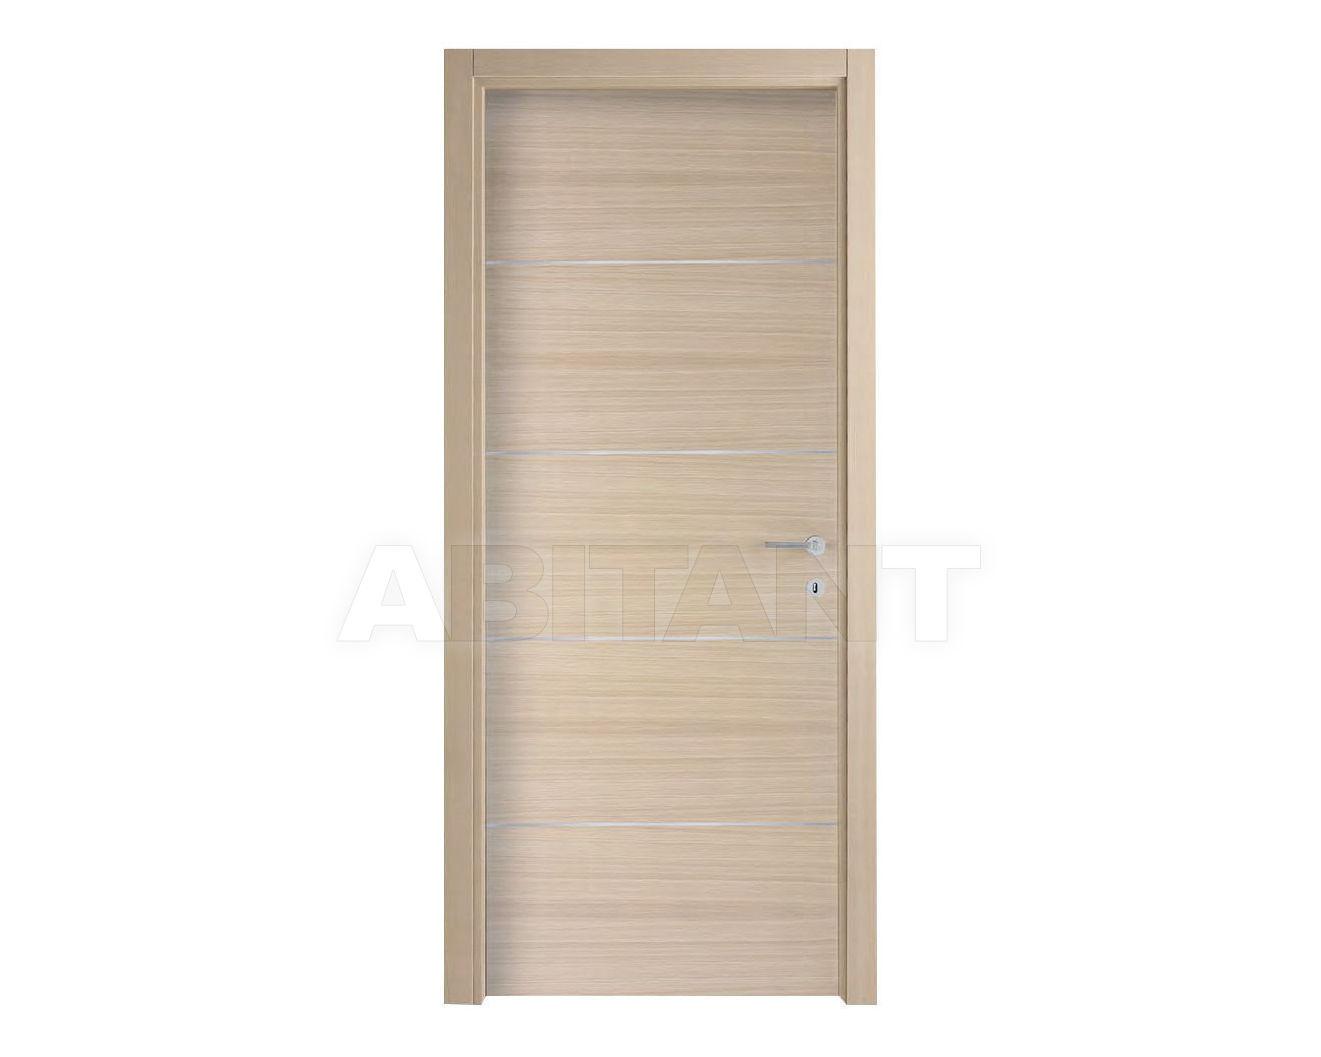 Купить Дверь деревянная Fioravazzi Lisce DANIA - 6 1